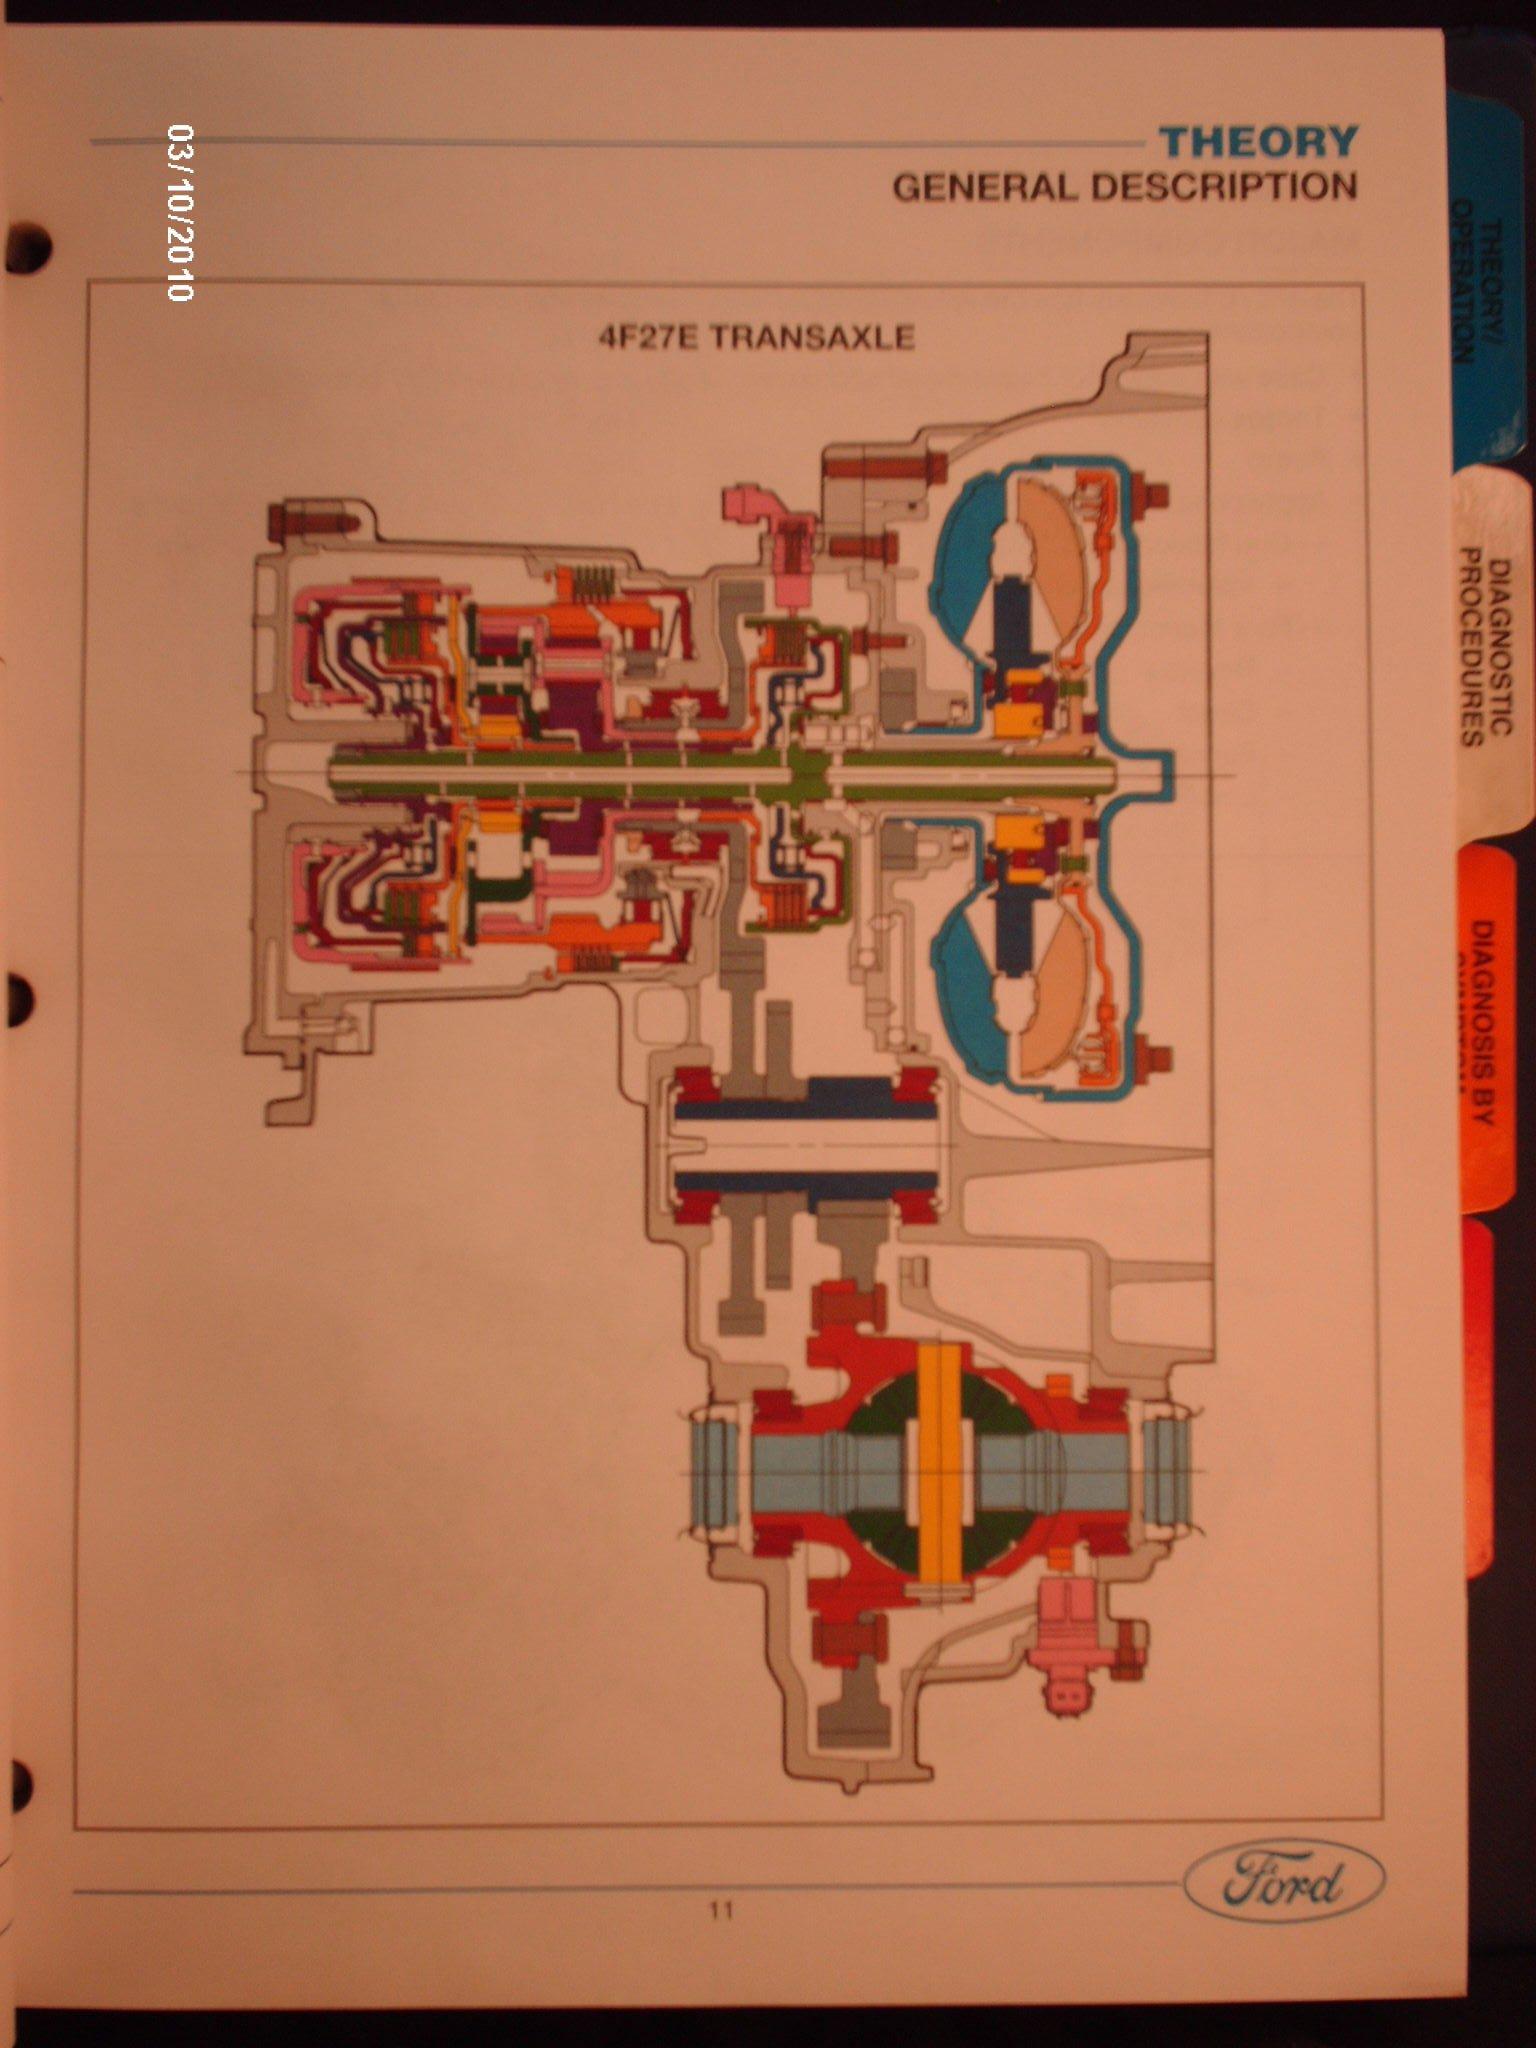 4f27e Hydraulic Diagram Wiring Ford E Transaxle Service Manual Motor Company Books 1536x2048